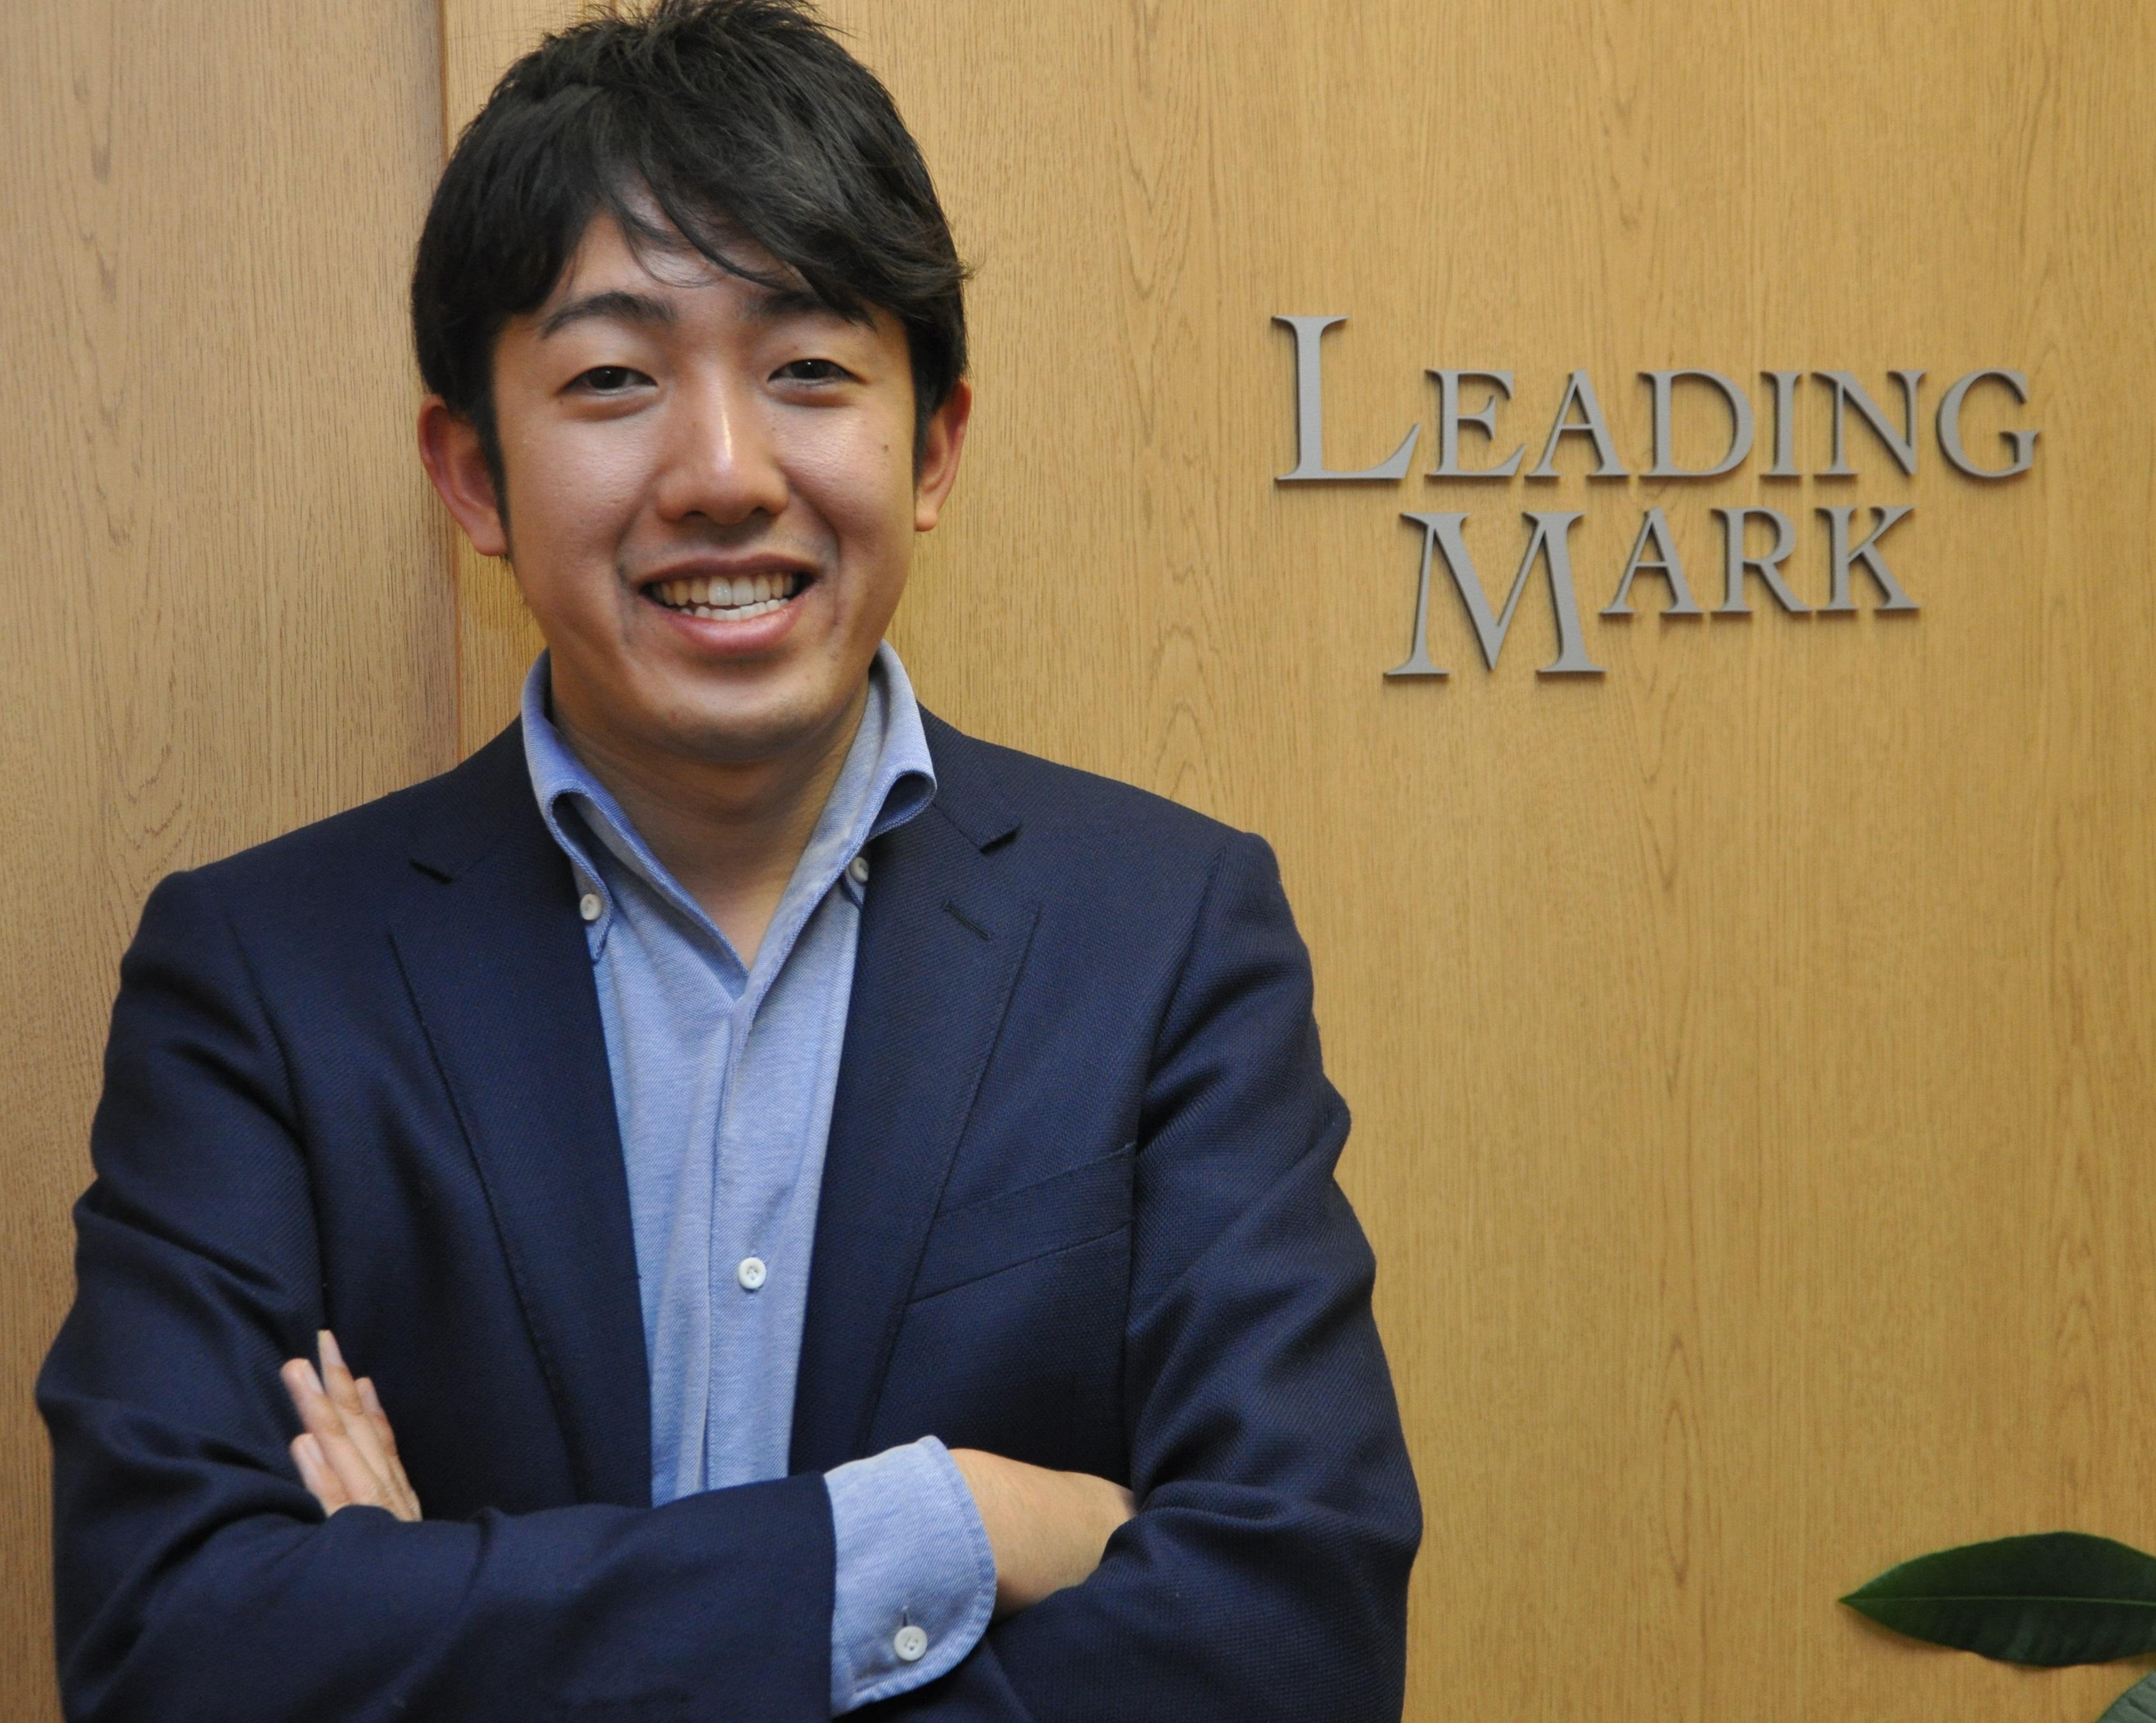 人材ビジネスモデルの変革に挑戦  就活生マークのリーディングマーク